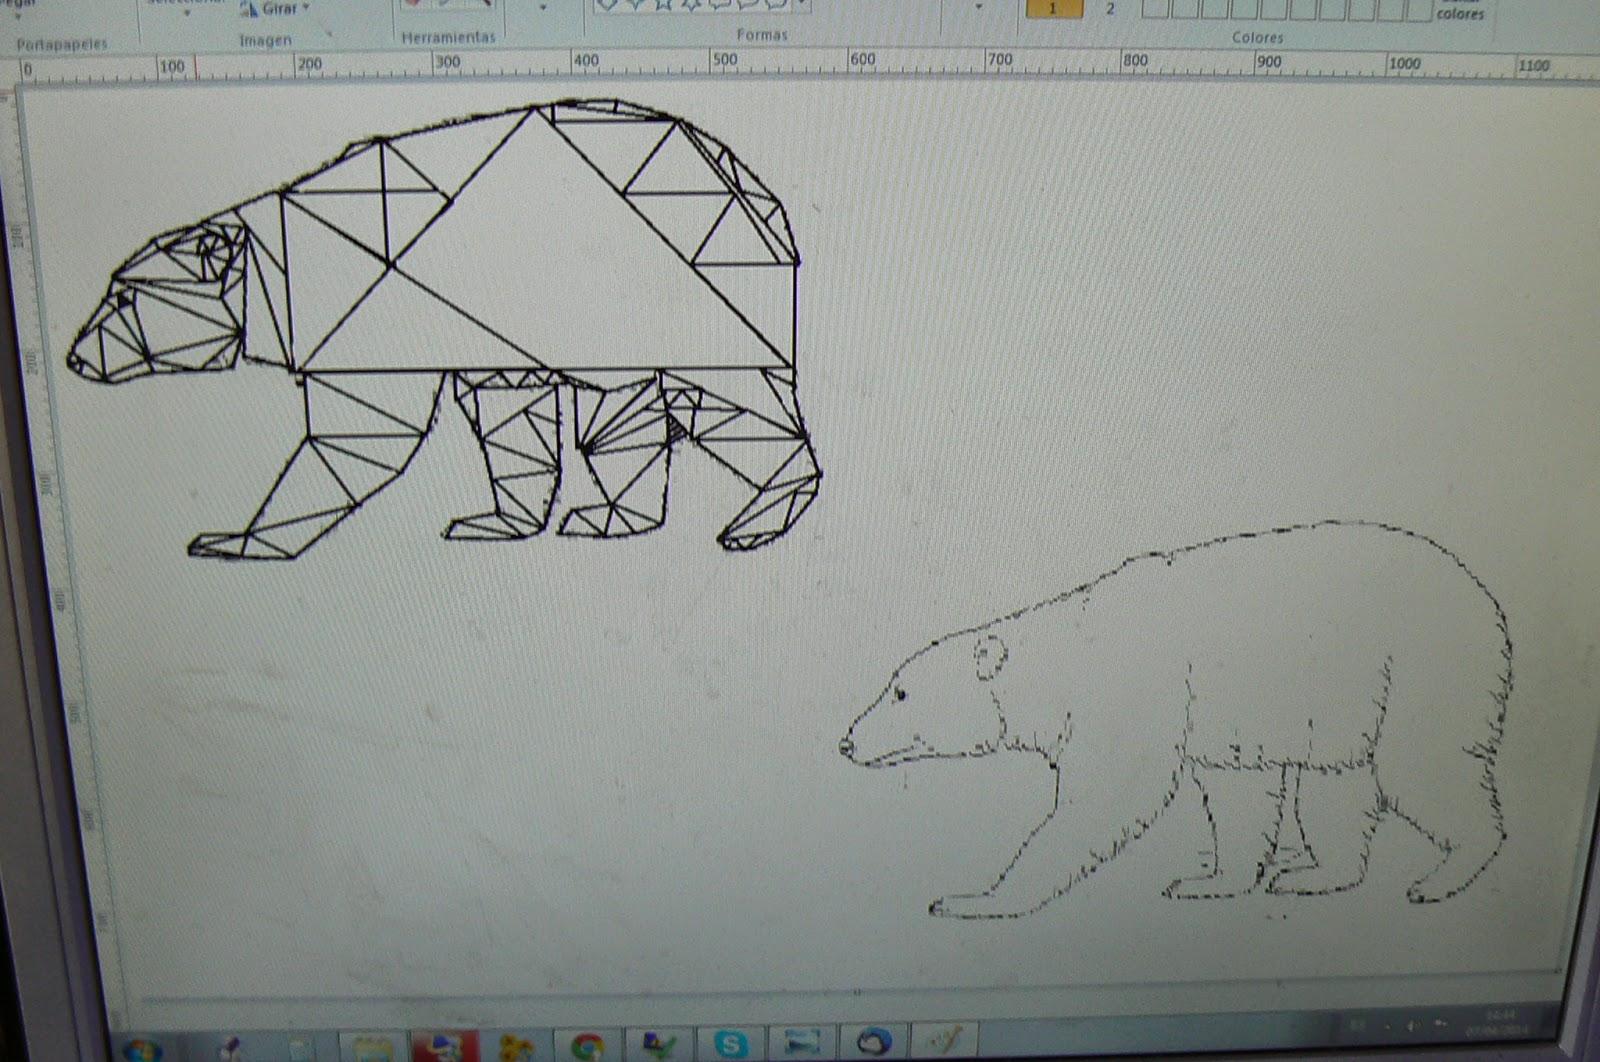 Orca Observar Recordar Crecer Y Aprender Libreta De Dibujo: Orca: Observar, Recordar, Crecer Y Aprender: Dibujo Con